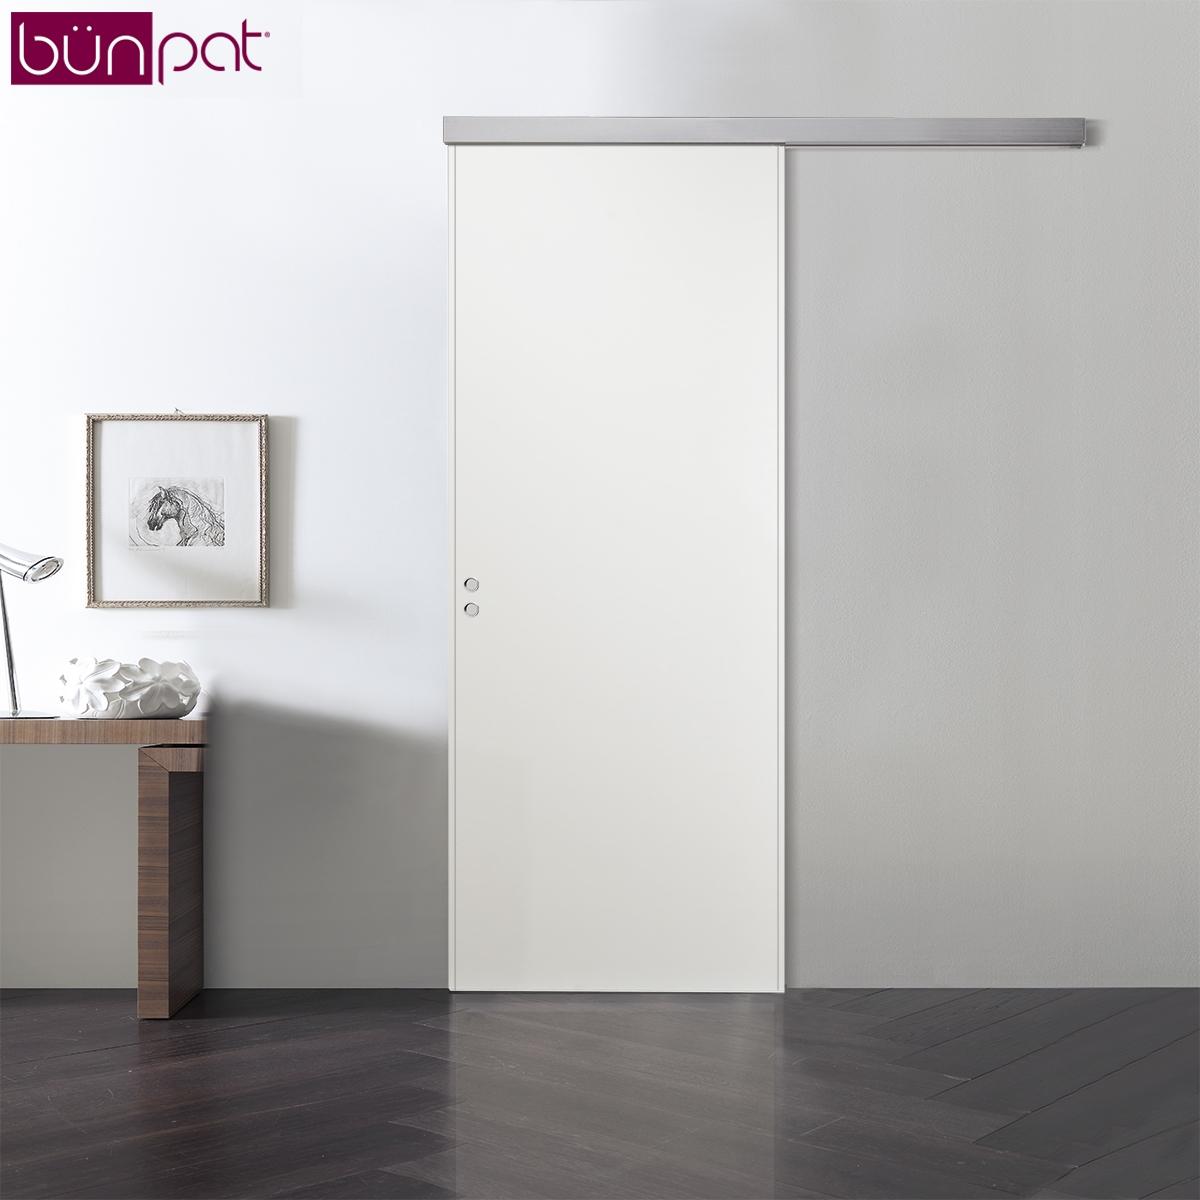 Porta bunpat scorrevole esterno muro colore bianco - Porta scorrevole esterno muro prezzo ...